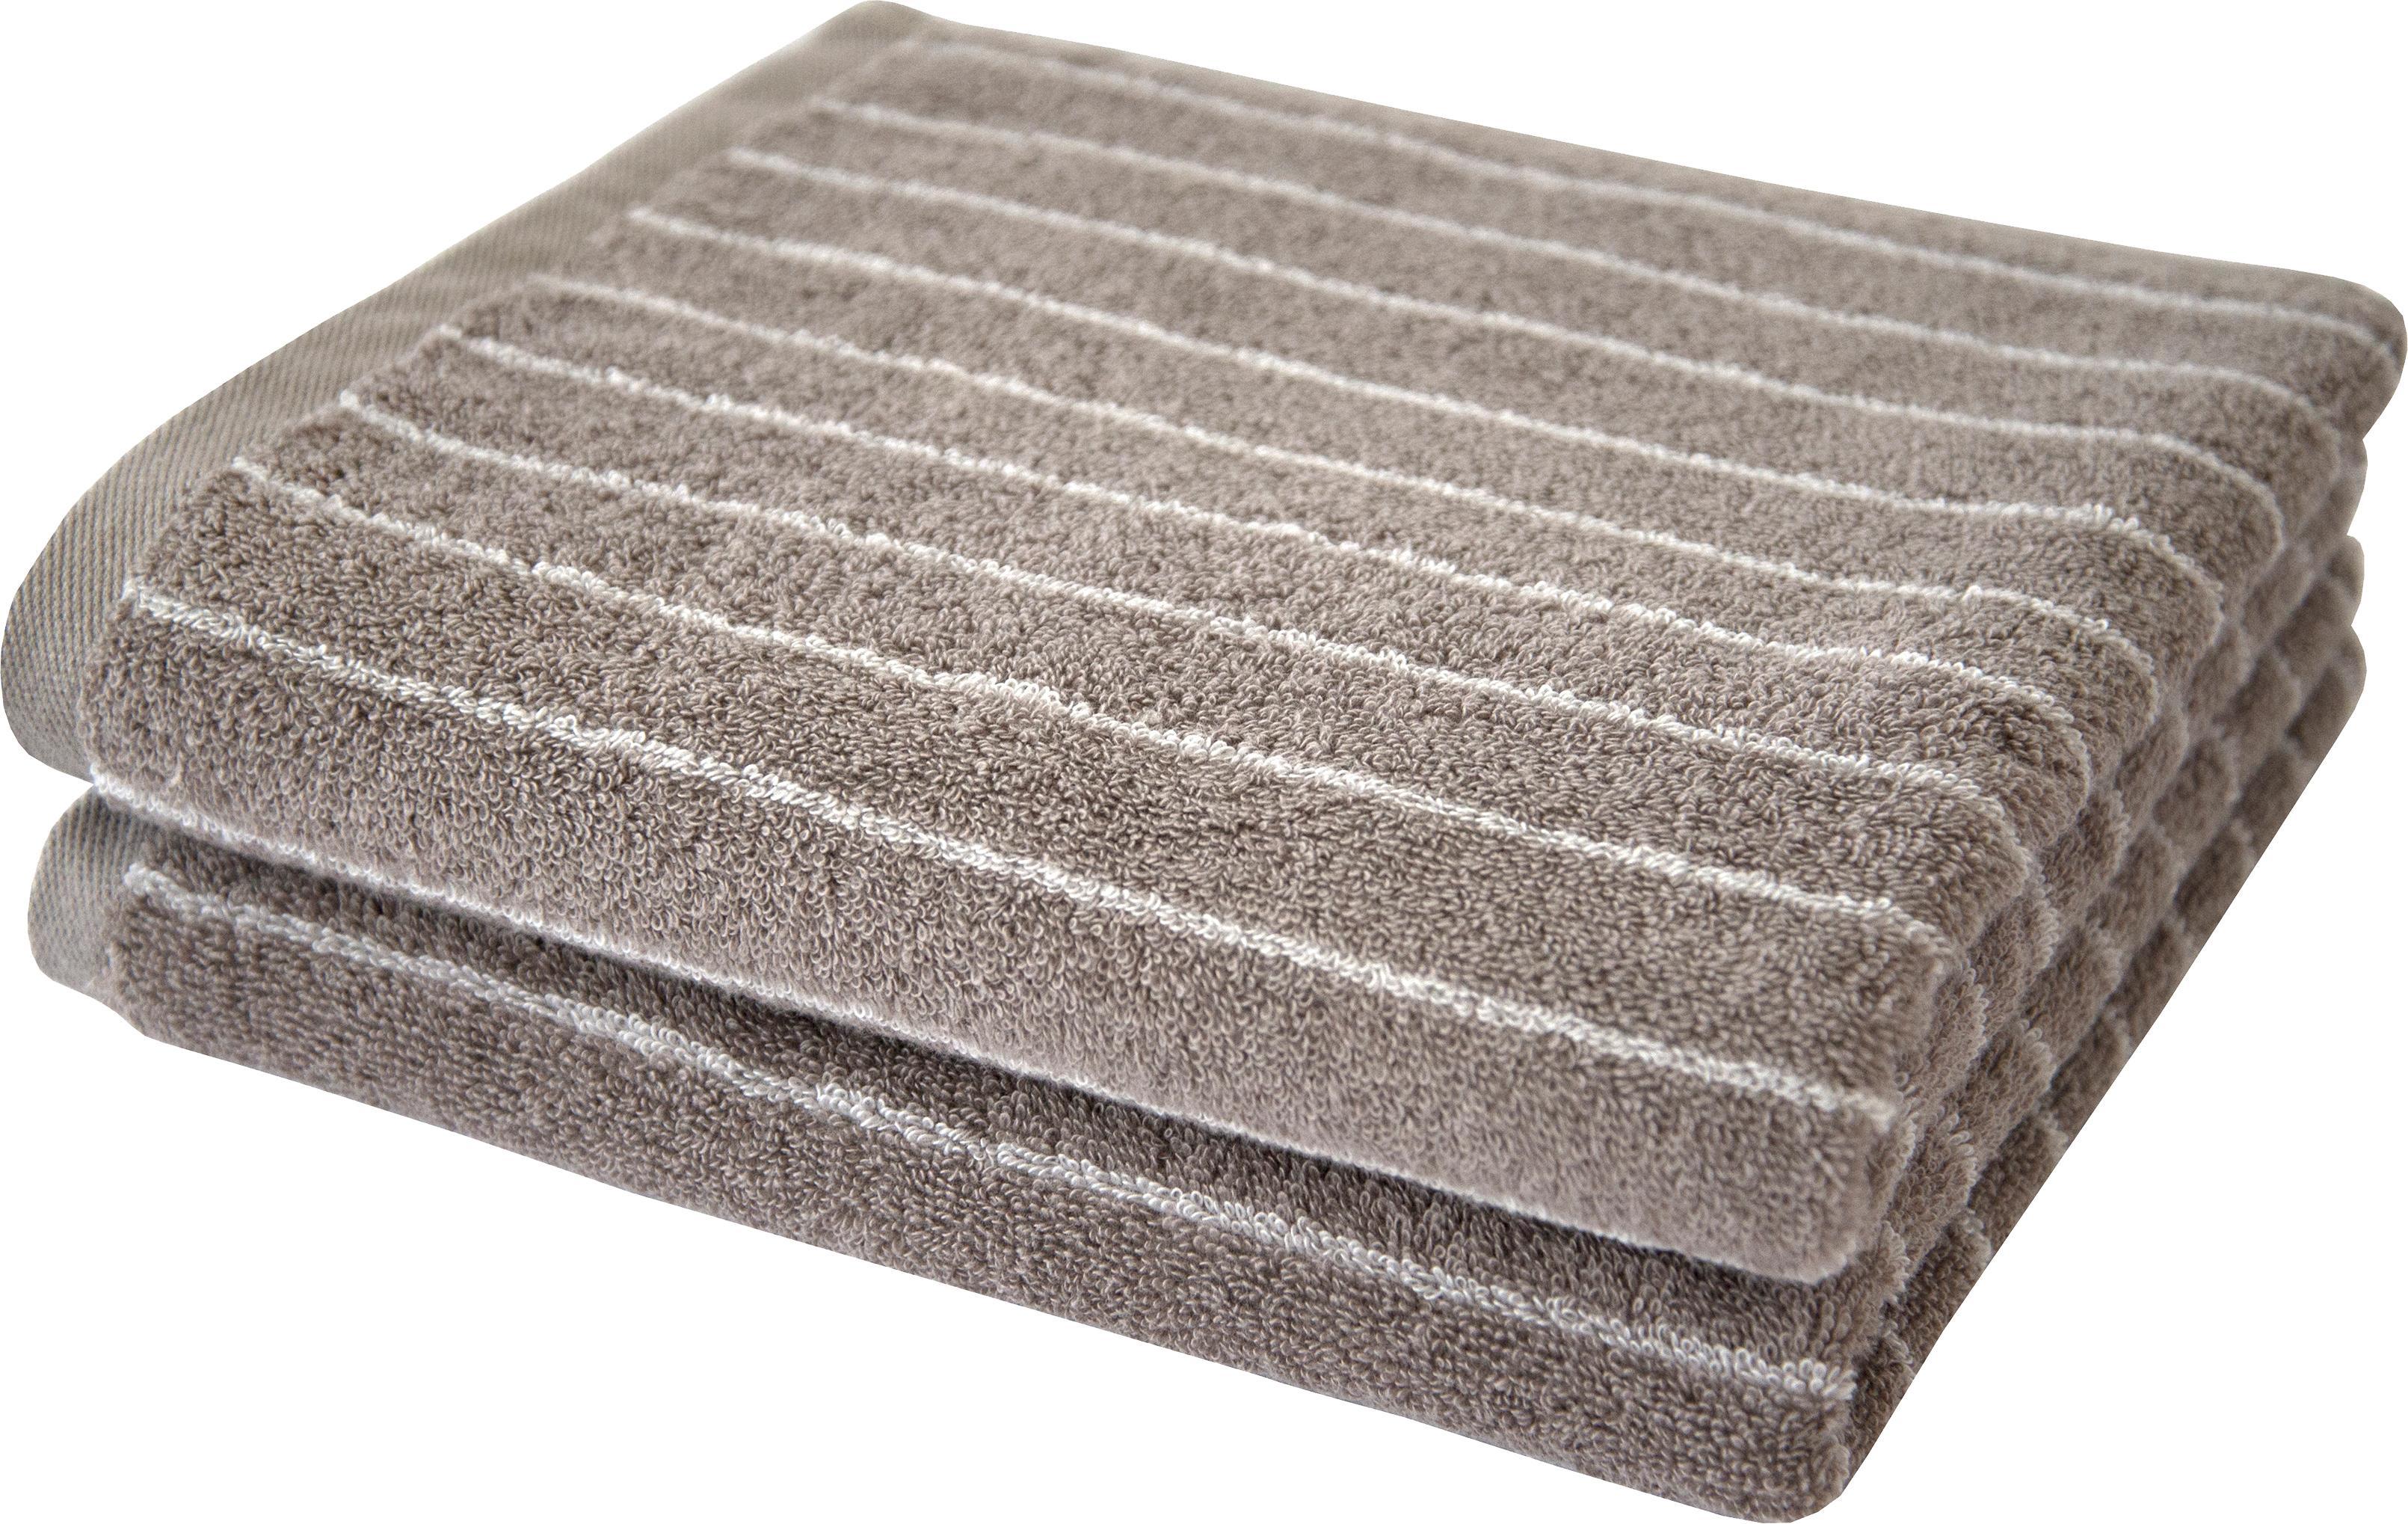 Dyckhoff Handtücher Nadelstreifen, (2 St.), mit eingewebten Nadelstreifen grau Badetücher